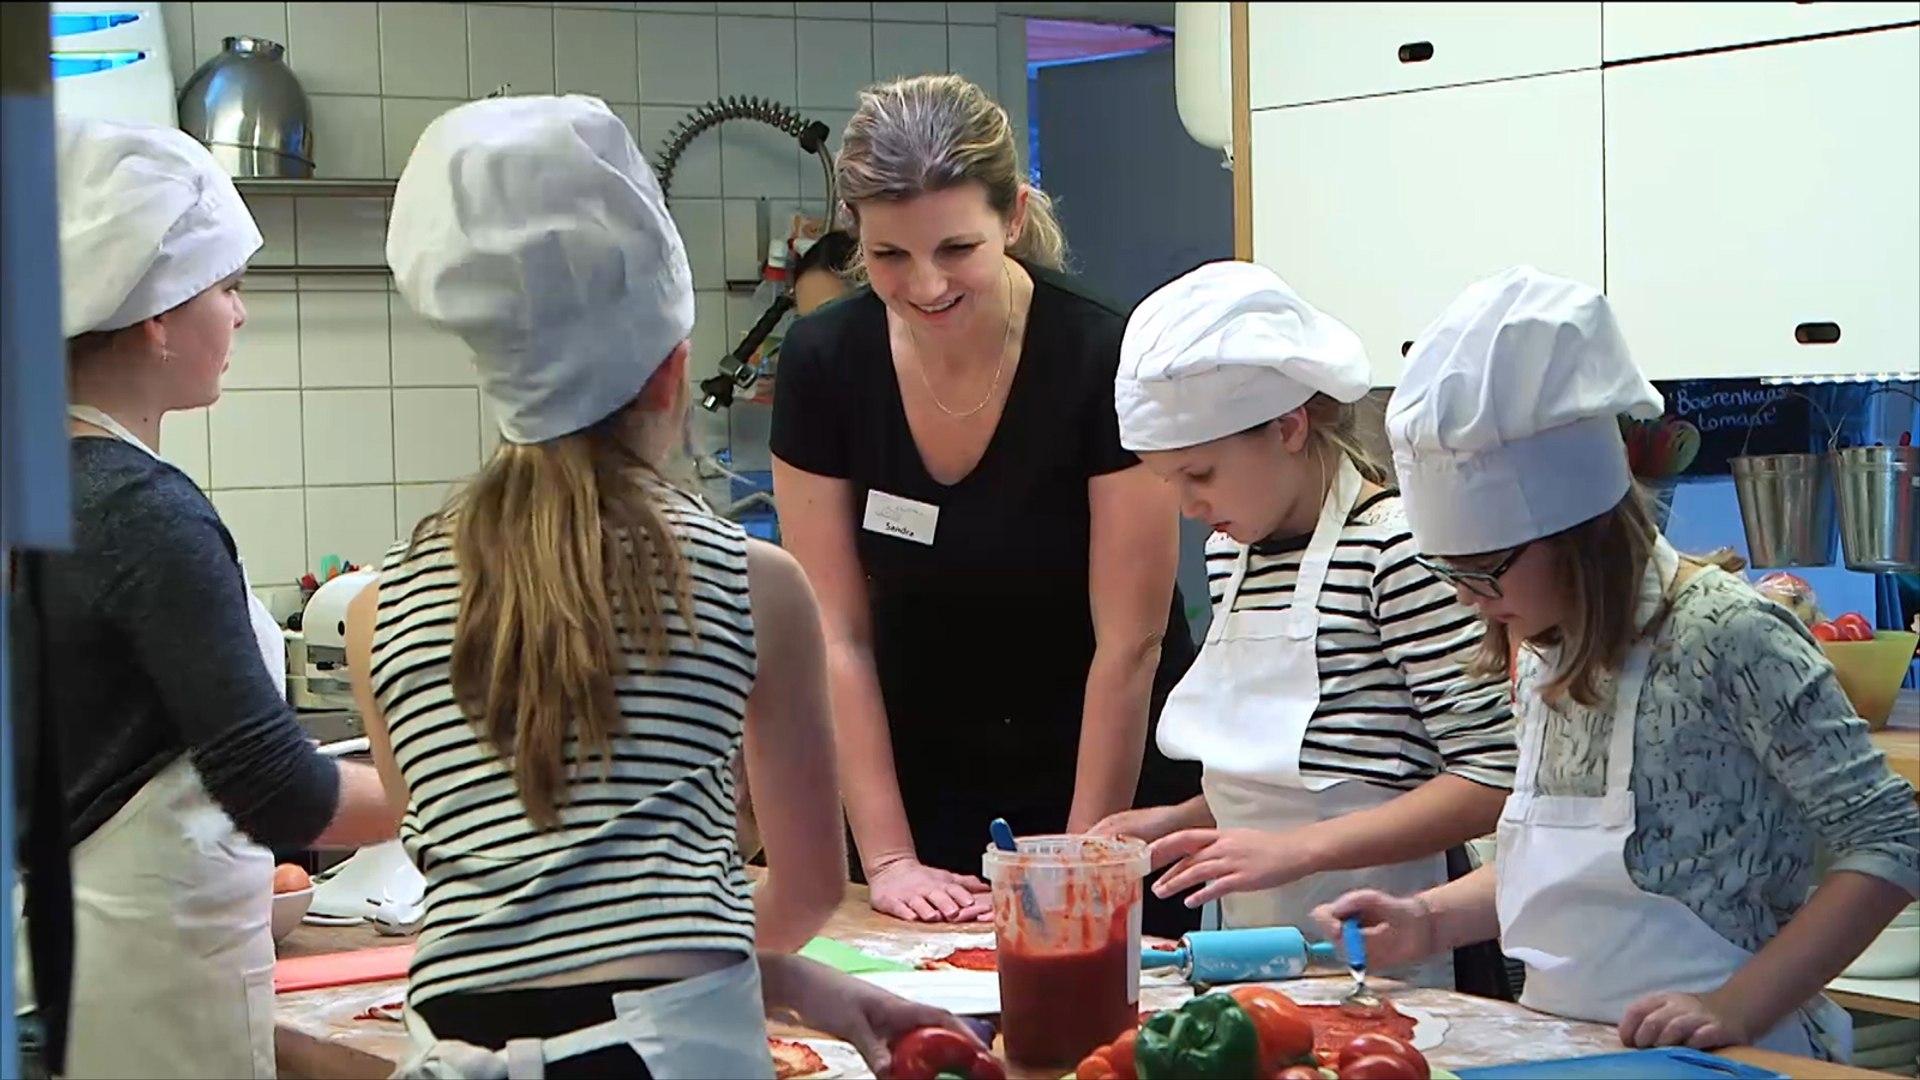 هذا الصباح-مطعم فريد في هولندا لتعليم الأطفال فنون الطبخ